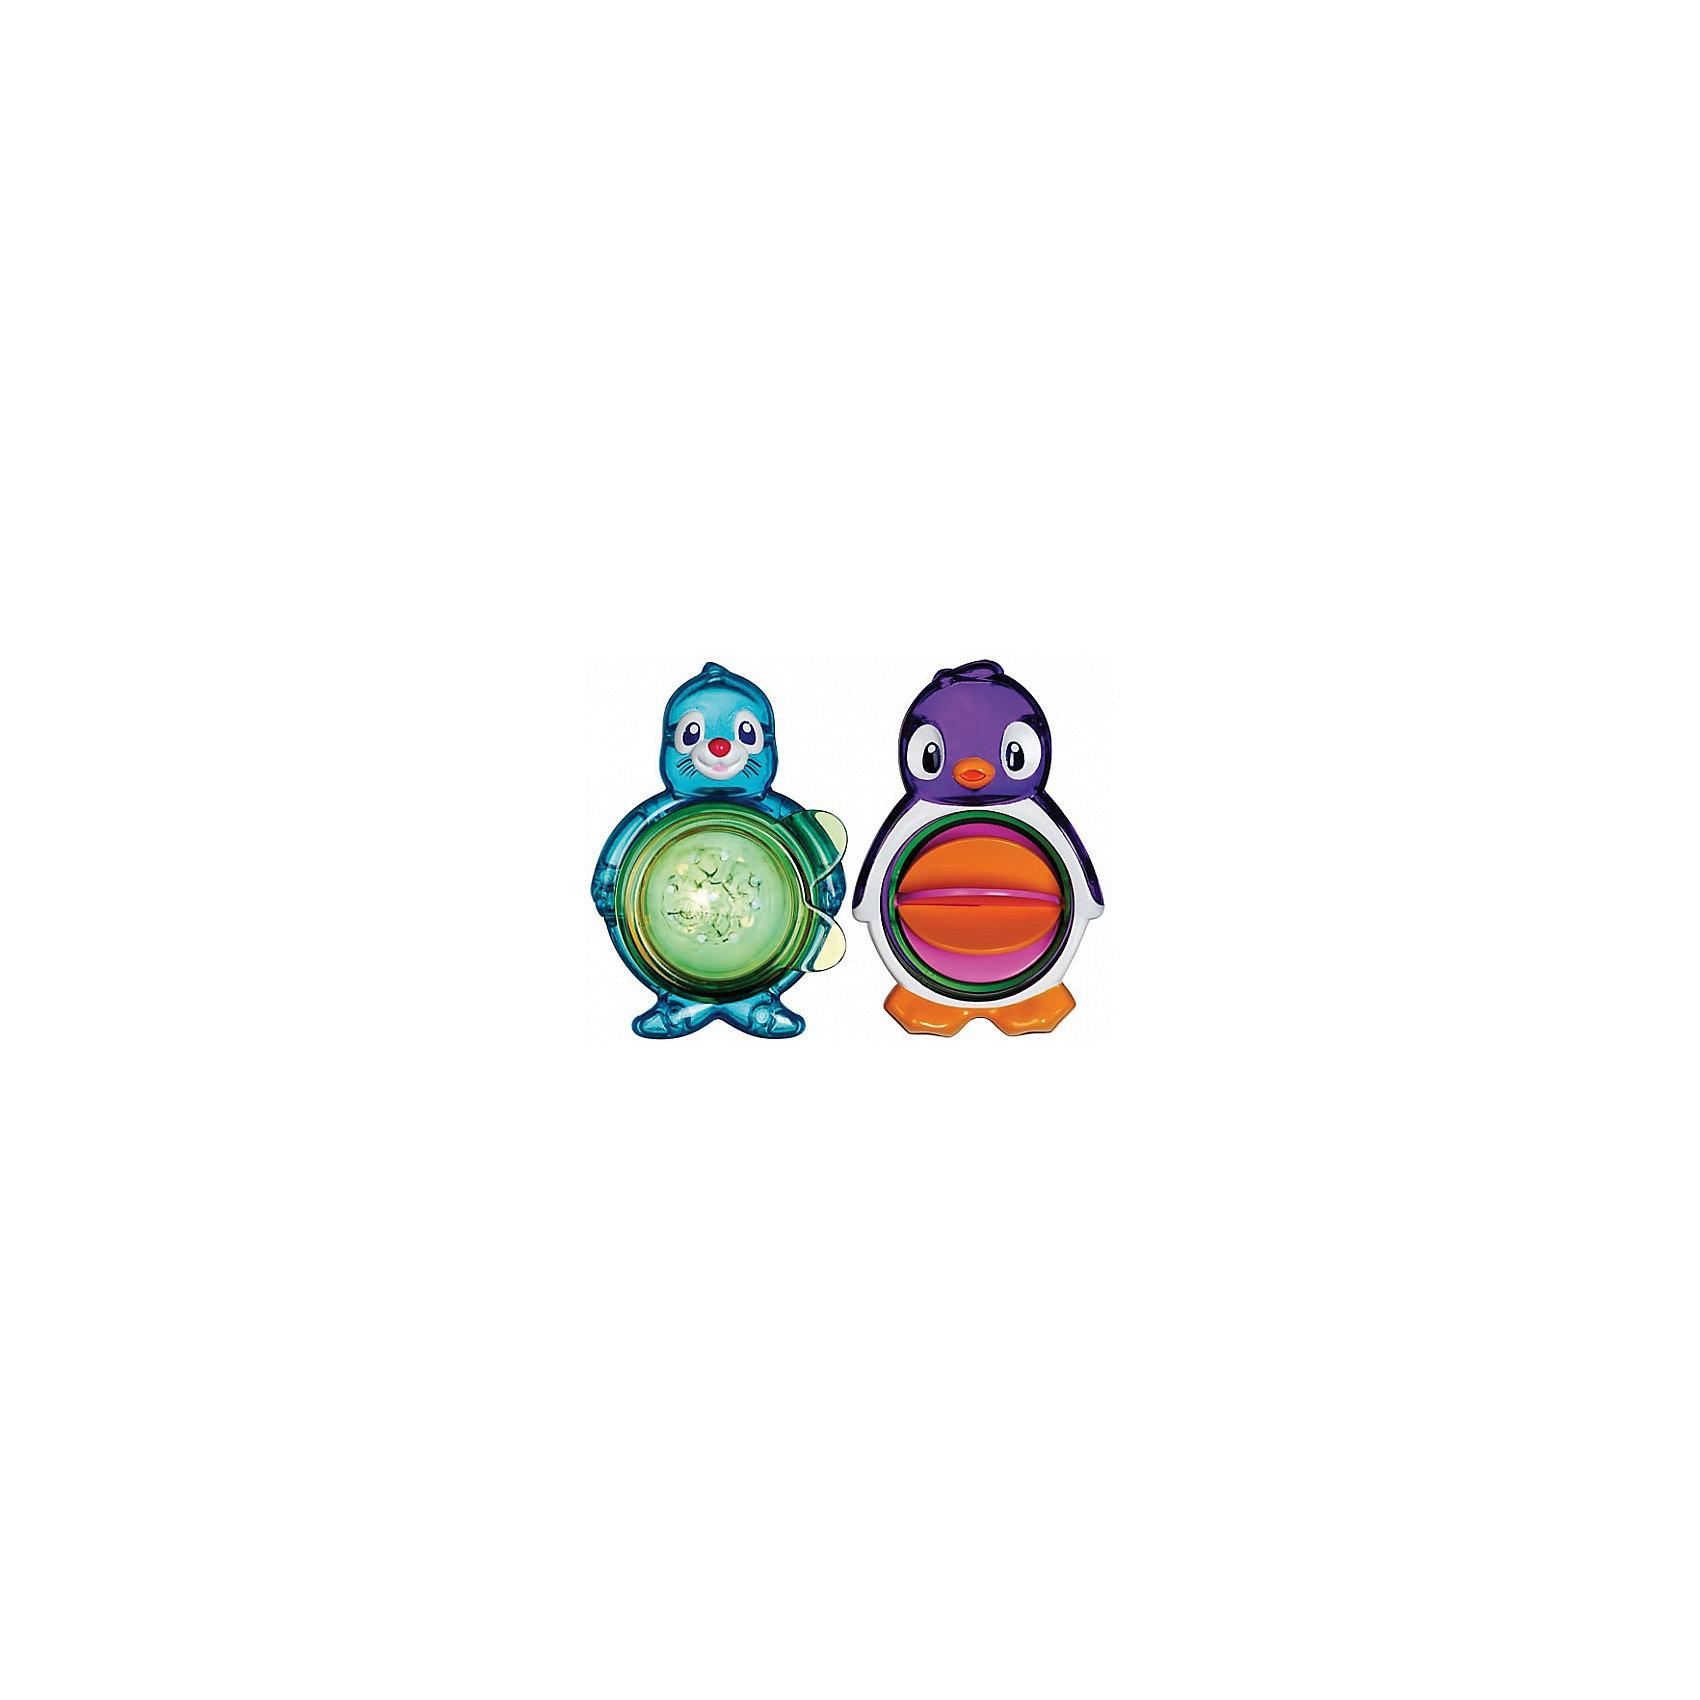 Игрушки для ванной Морские животные 2шт, Munchkin от myToys